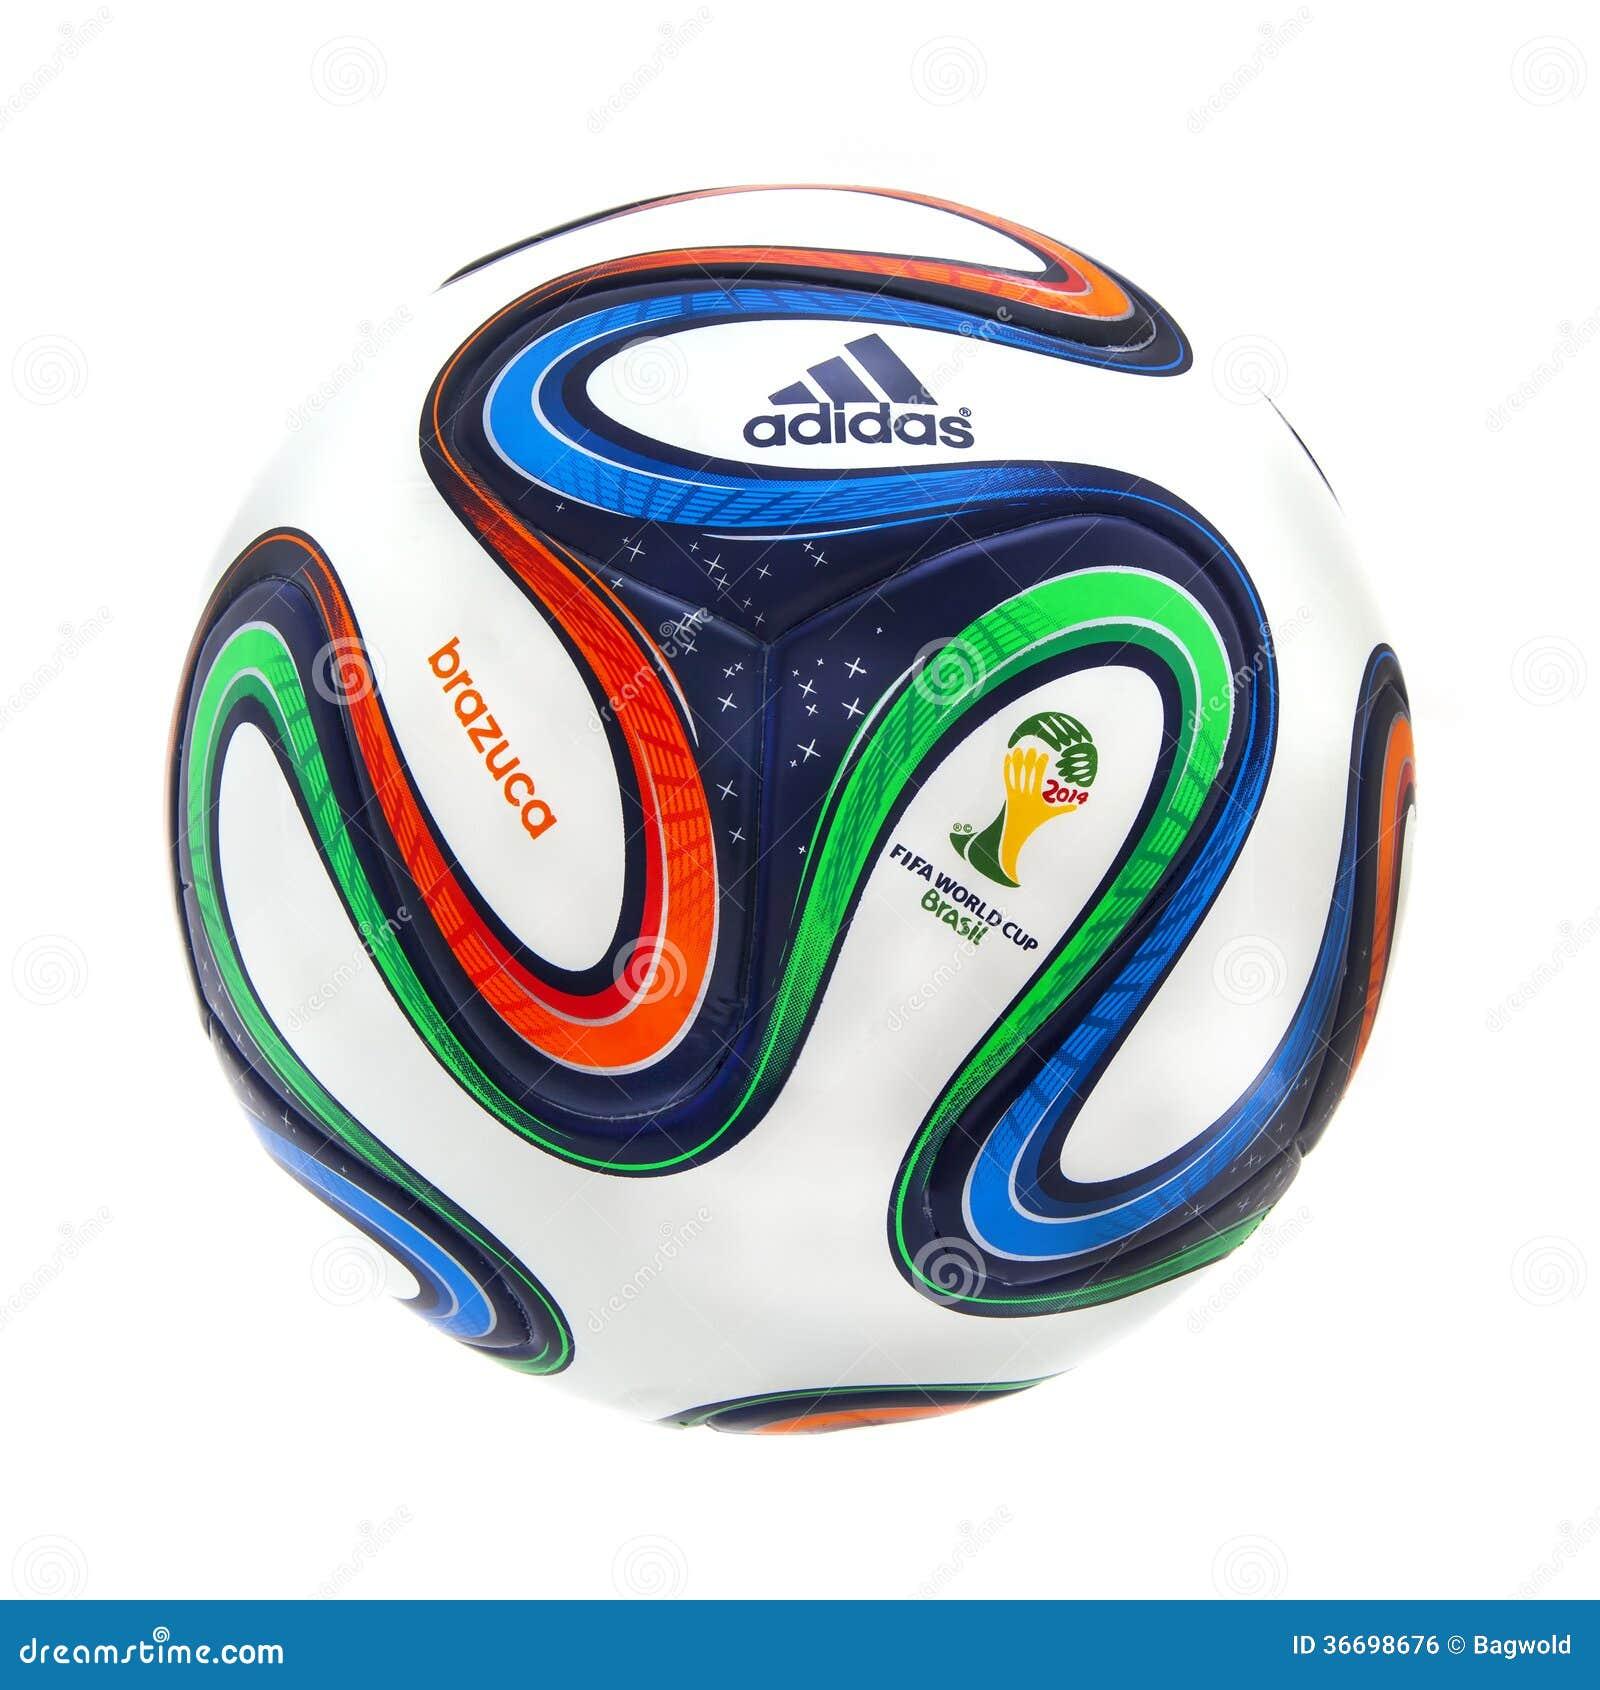 Funzionario Matchball della coppa del Mondo 2014 di Adidas Brazuca